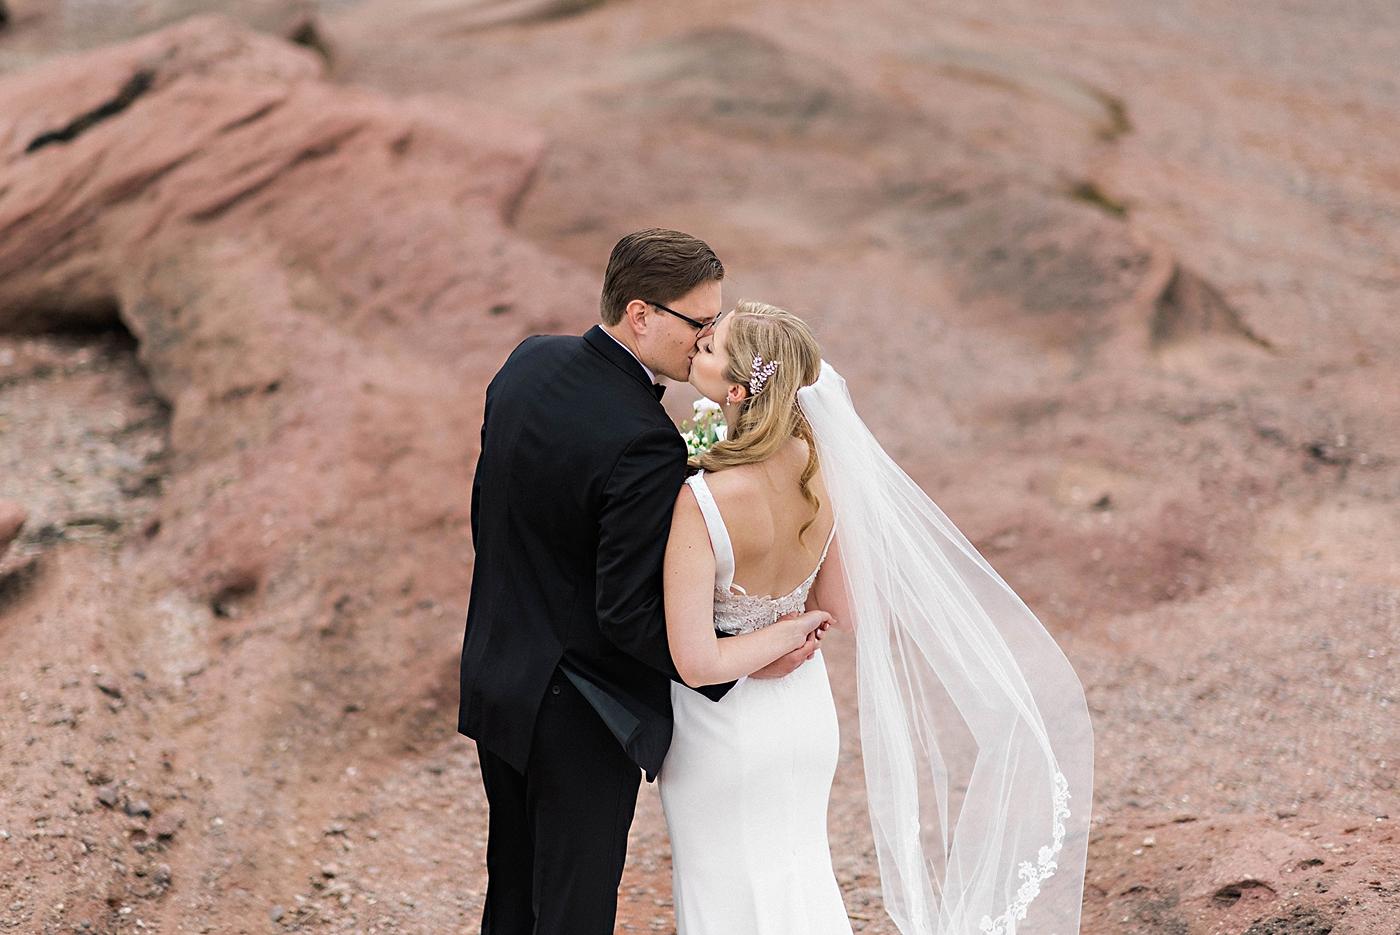 Halifax-Wedding-Photographer-New Brunswick Wedding- Nicolle & Ethan30.jpeg